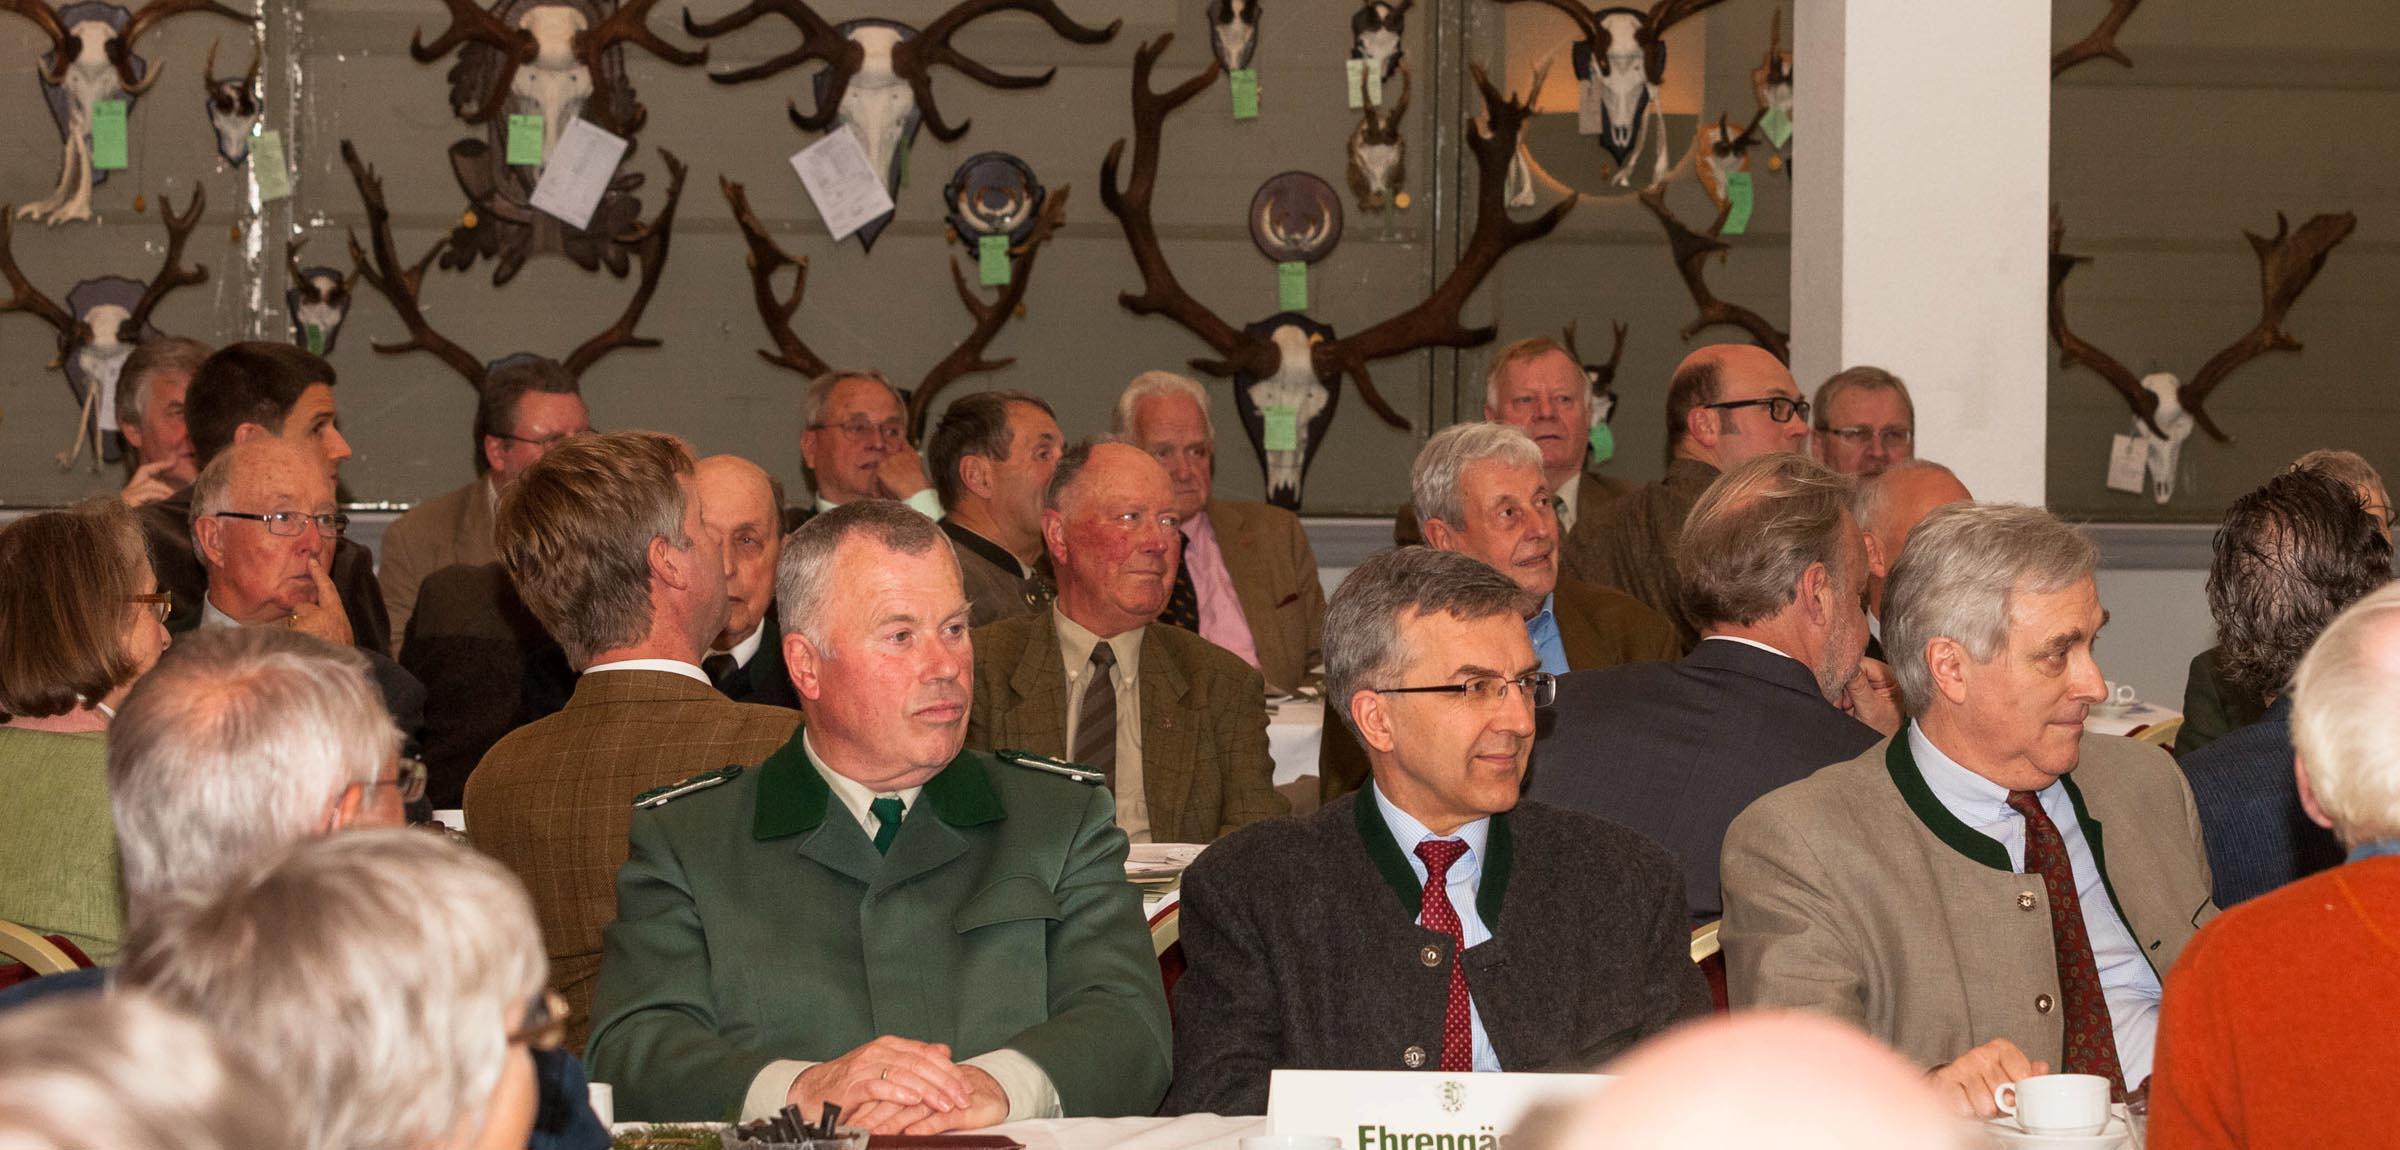 Schleswig-Holsteins Jäger wollen Änderungen jagdlicher Rahmenbedingungen nicht ohne fundierte Sachgründe und wissenschaftliche Begleitung hinnehmen. Das war Tenor auf dem Landesjägertag im Rendsburger  Conventgarten